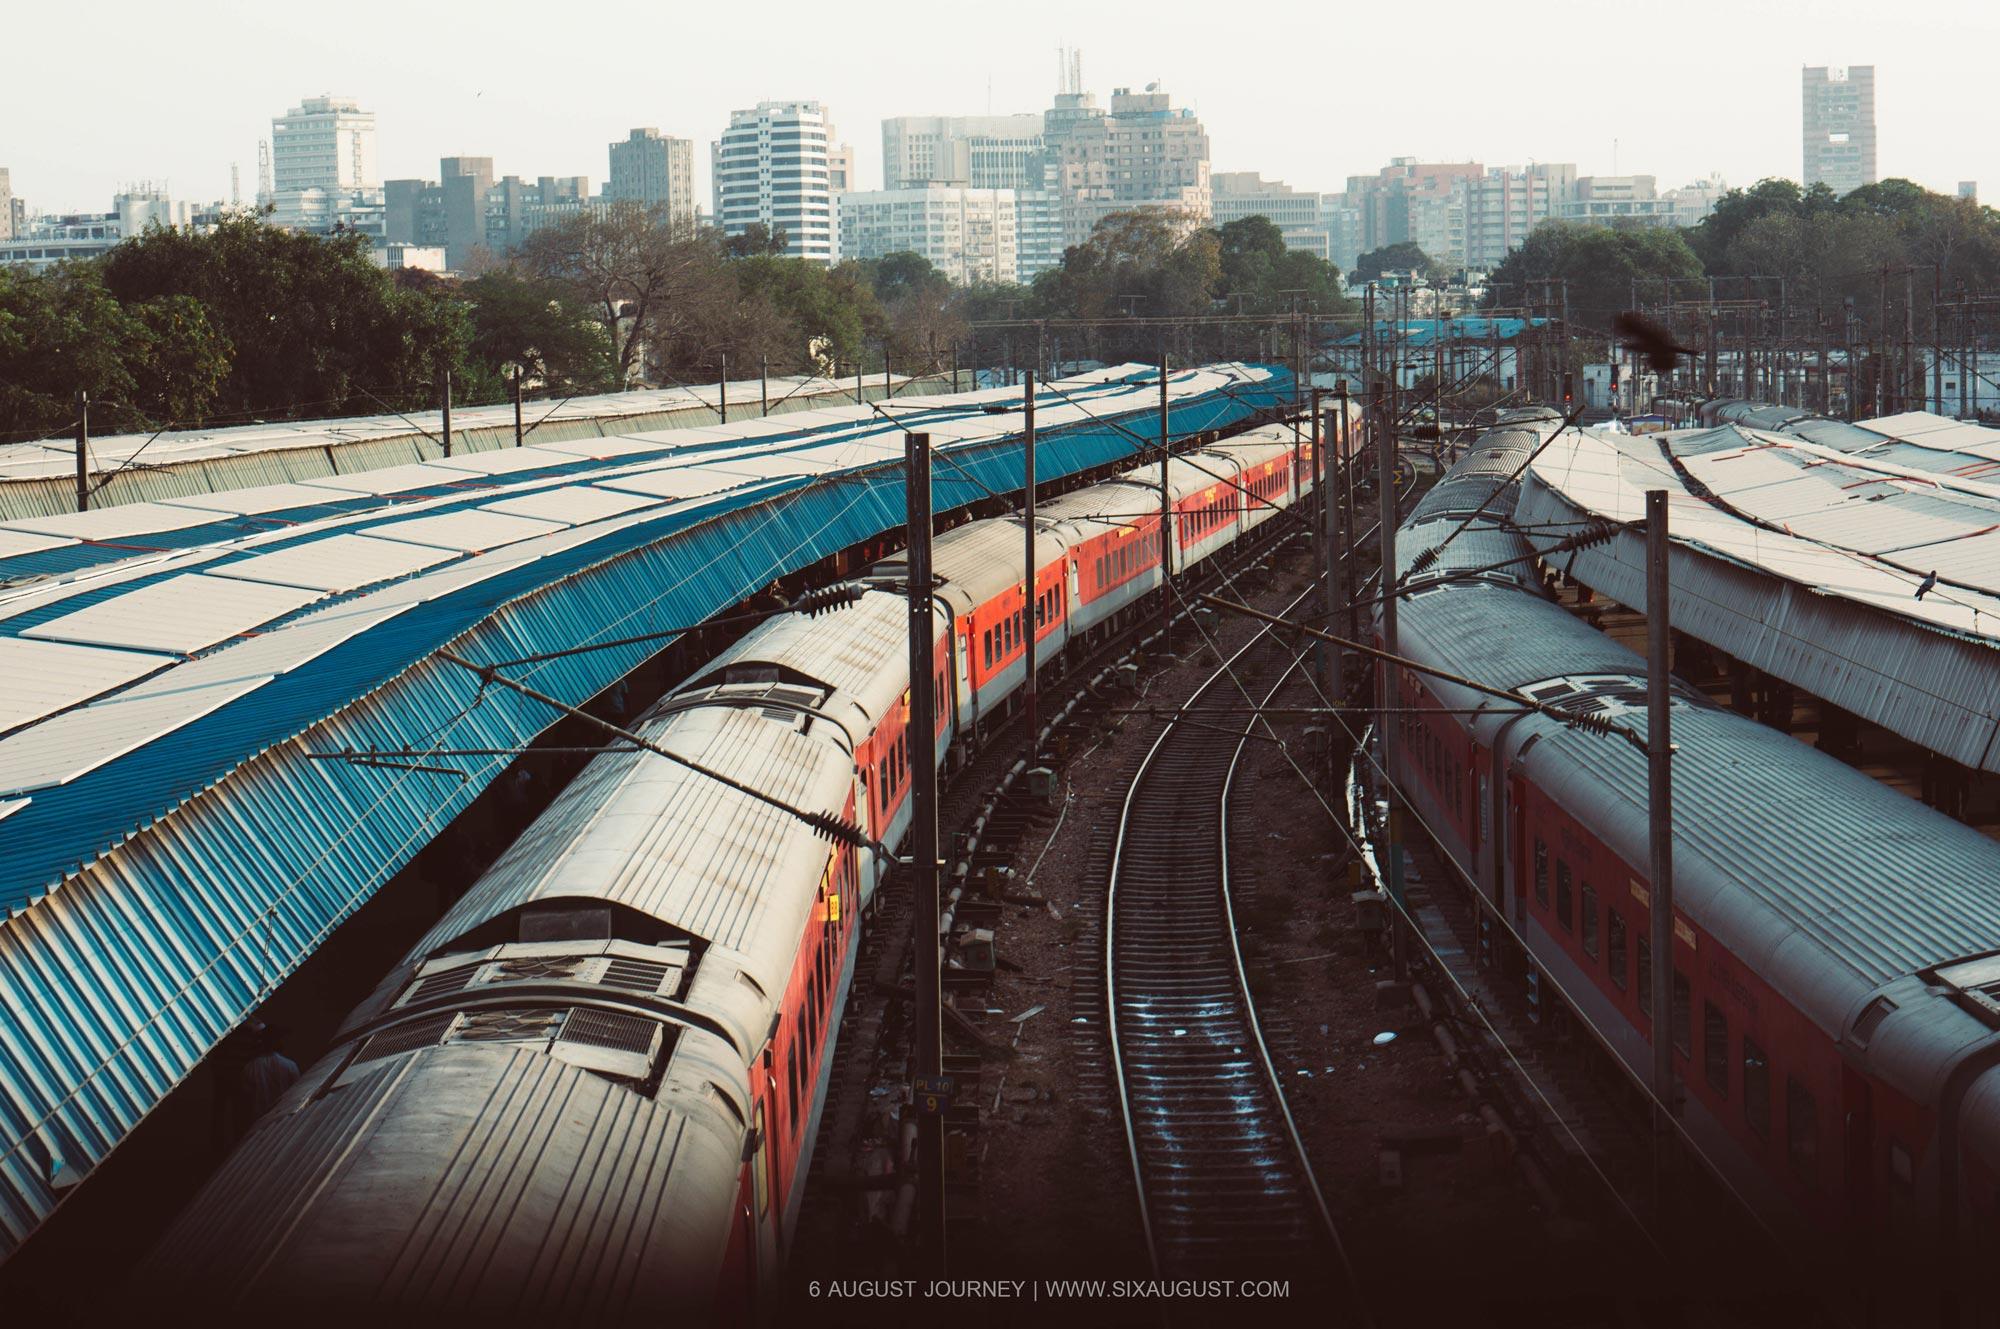 บรรยากาศรางรถไฟอินเดีย